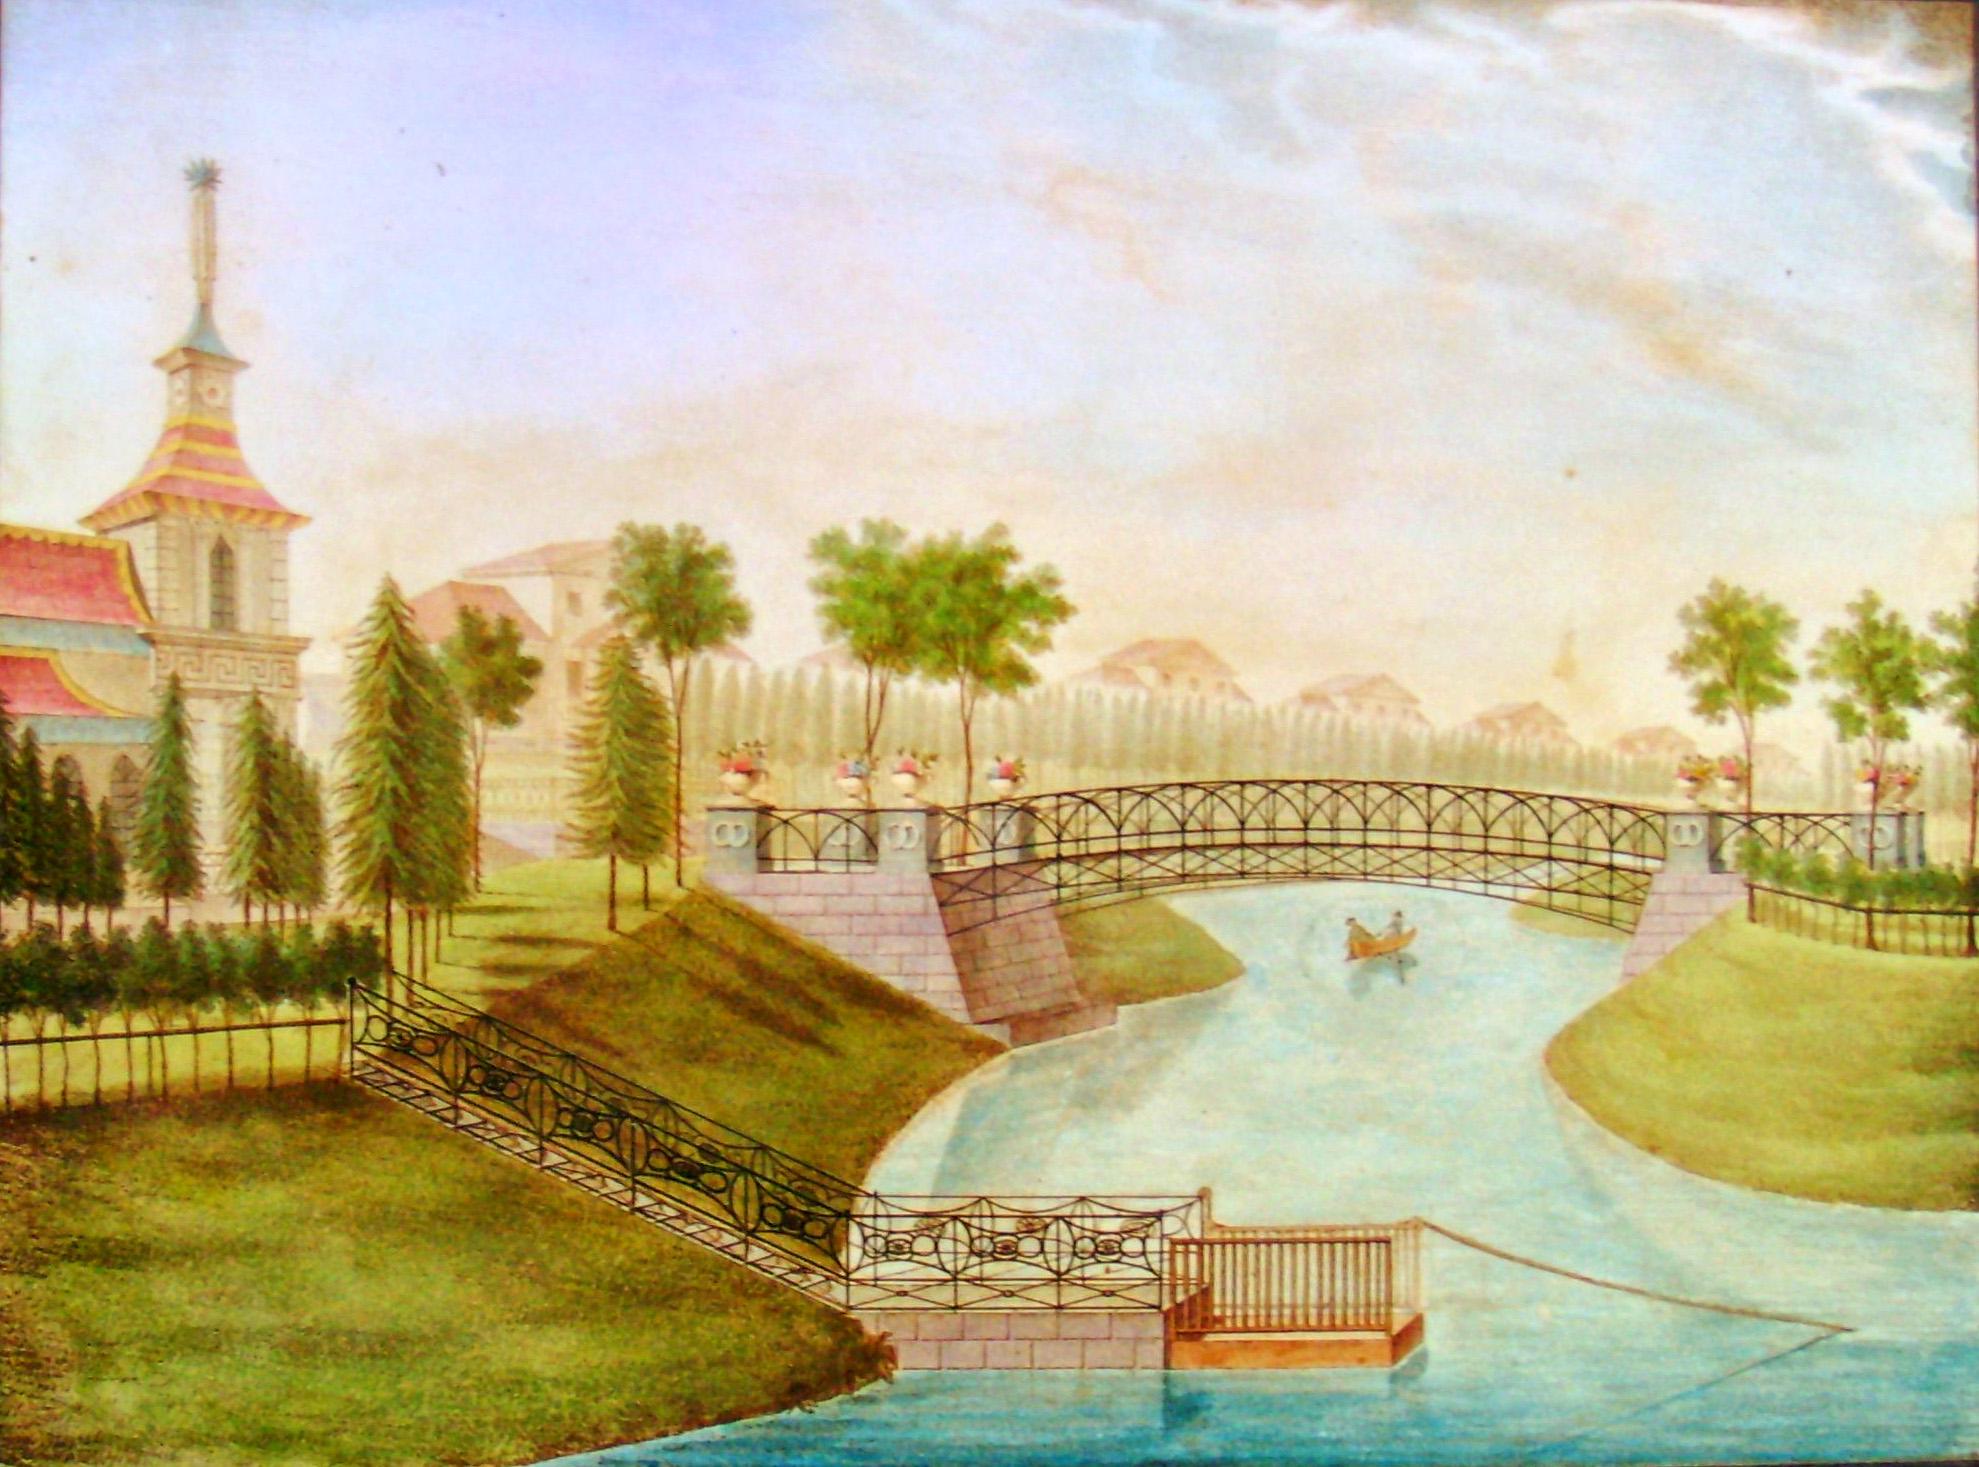 29. Вид чугунного Моста в саду. Р<исовал> на кам<не> А<рхитектор> И. Семенов в 1823.